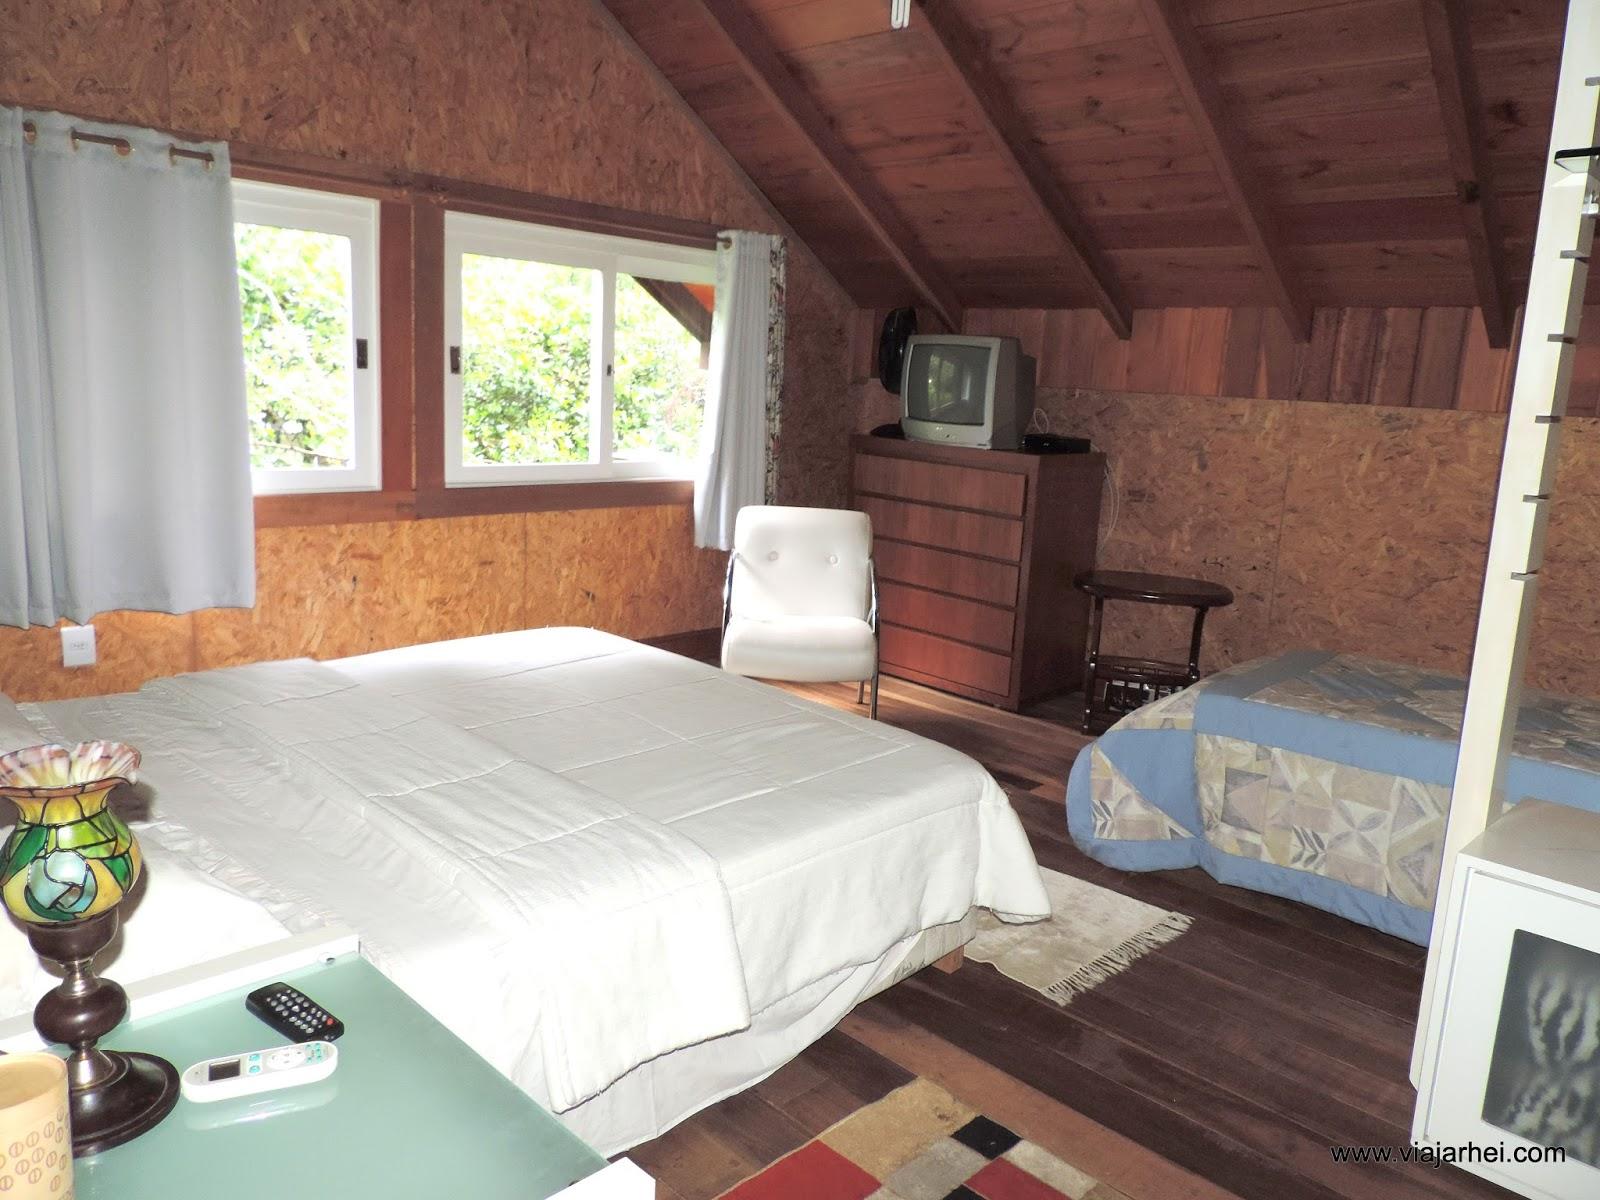 Dica de casa para para alugar em Canela Rio Grande do Sul. Viajar  #935C38 1600 1200